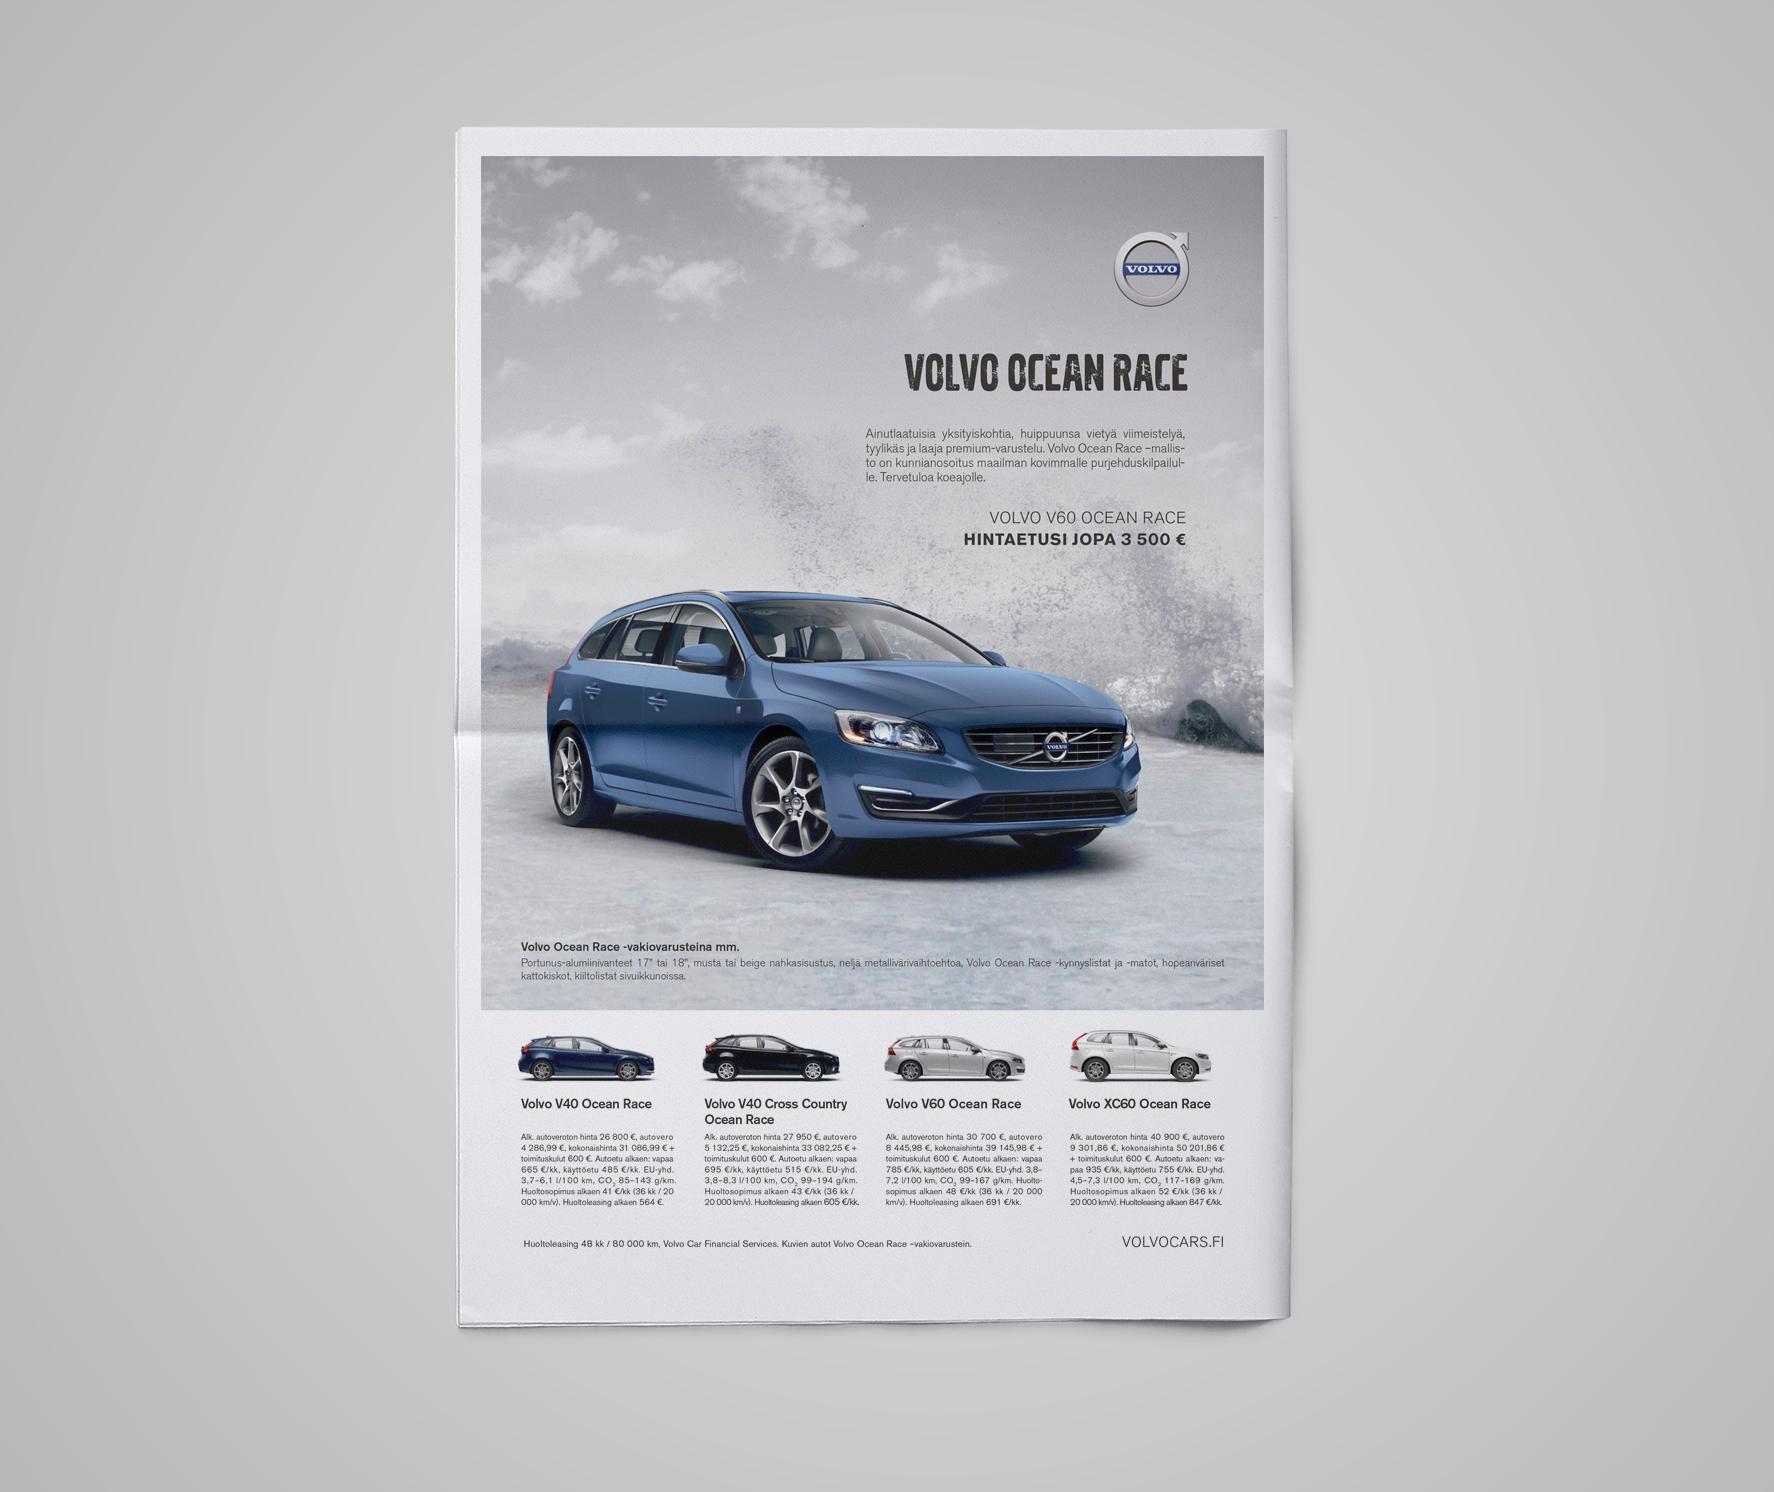 Volvo Ocean Race newspaper